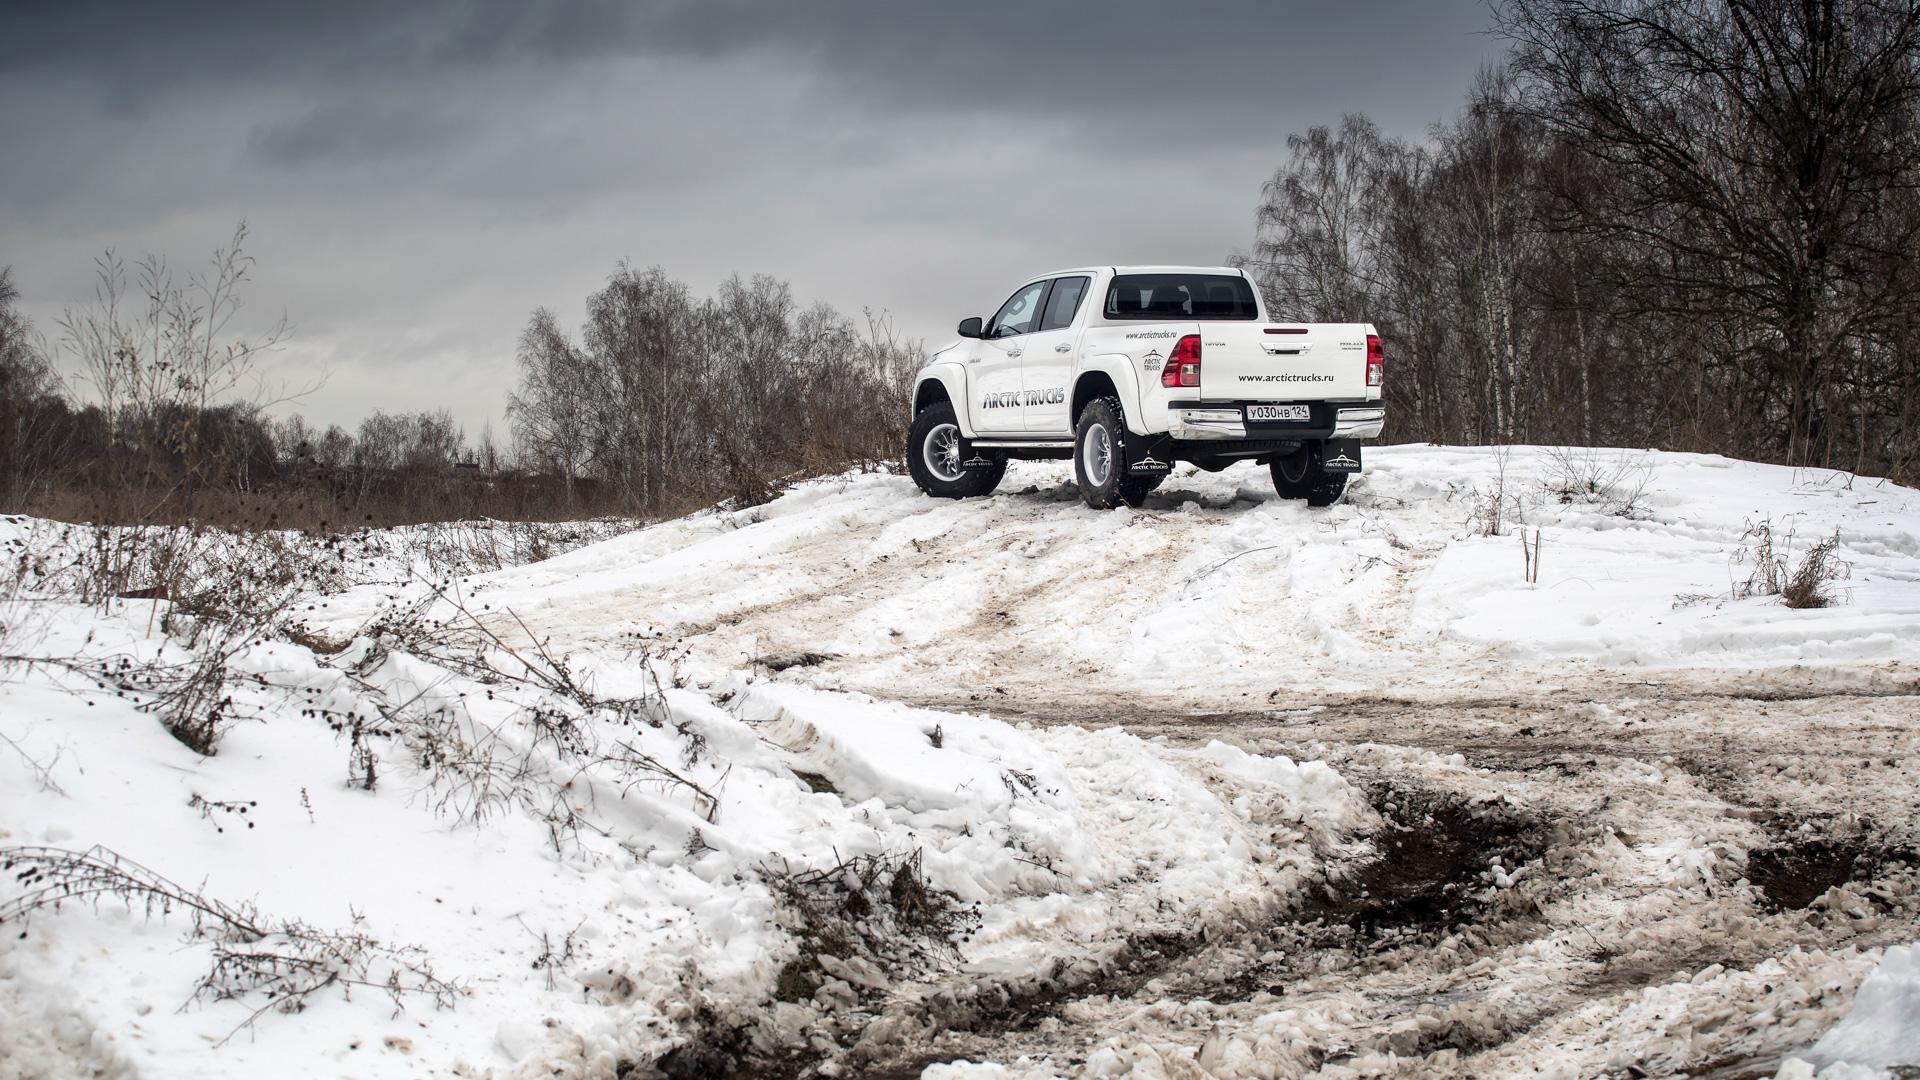 Испытываем «арктические» пикапы Toyota Hilux, укоторых 10 колес надвоих. Фото 2